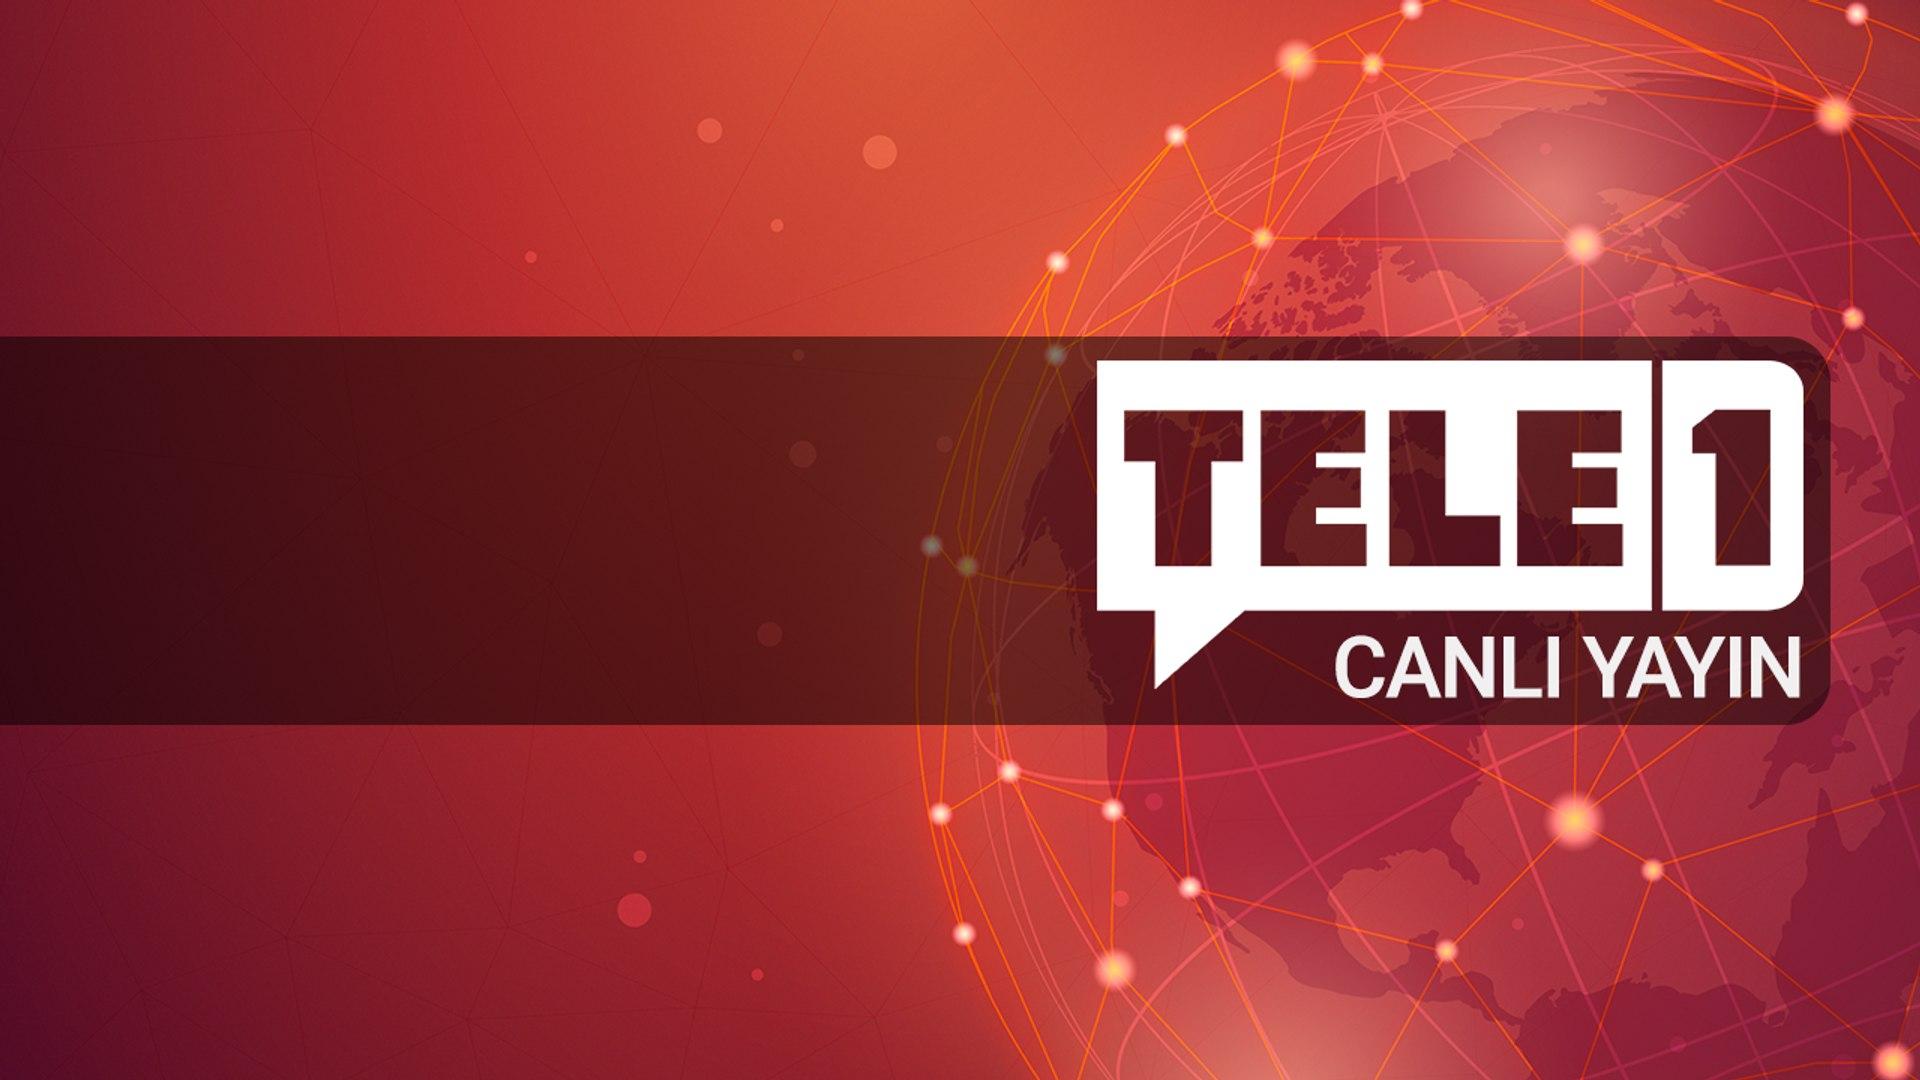 Tele1 Frekans bilgileri 2019 nelerdir? Tele1 tv frekansı nedir? Canlı nasıl izlenir?